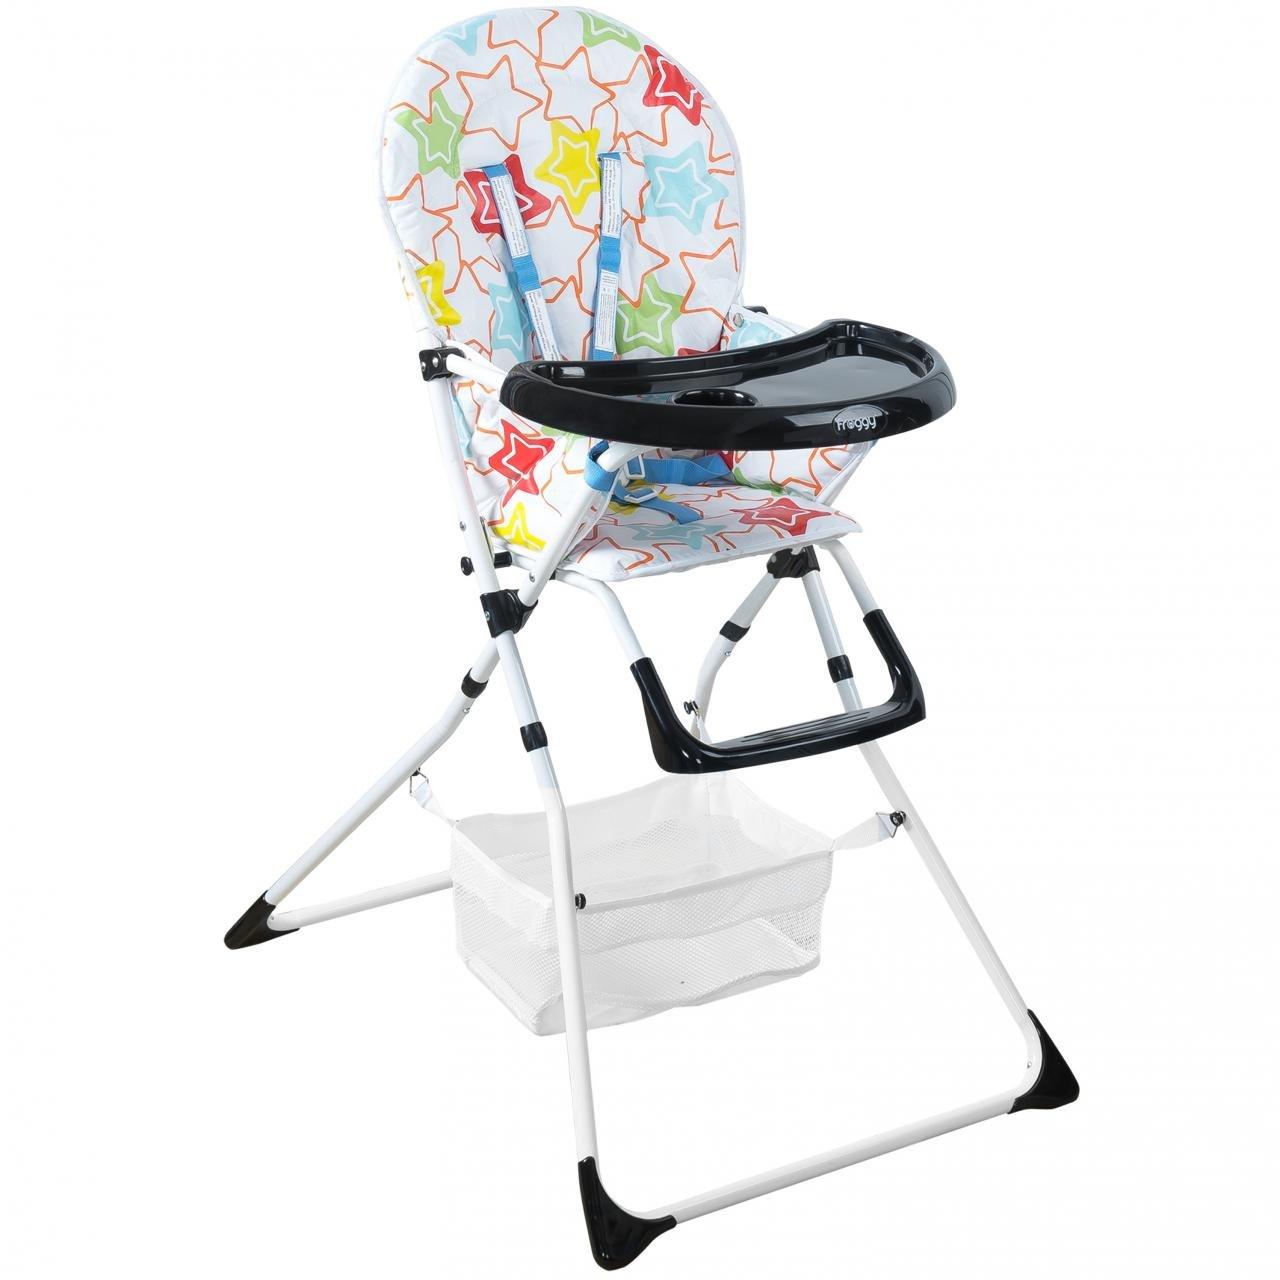 Trona para bebés con cinturón de seguridad y bandeja grande, plegable - Froggy estrellas: Amazon.es: Bebé